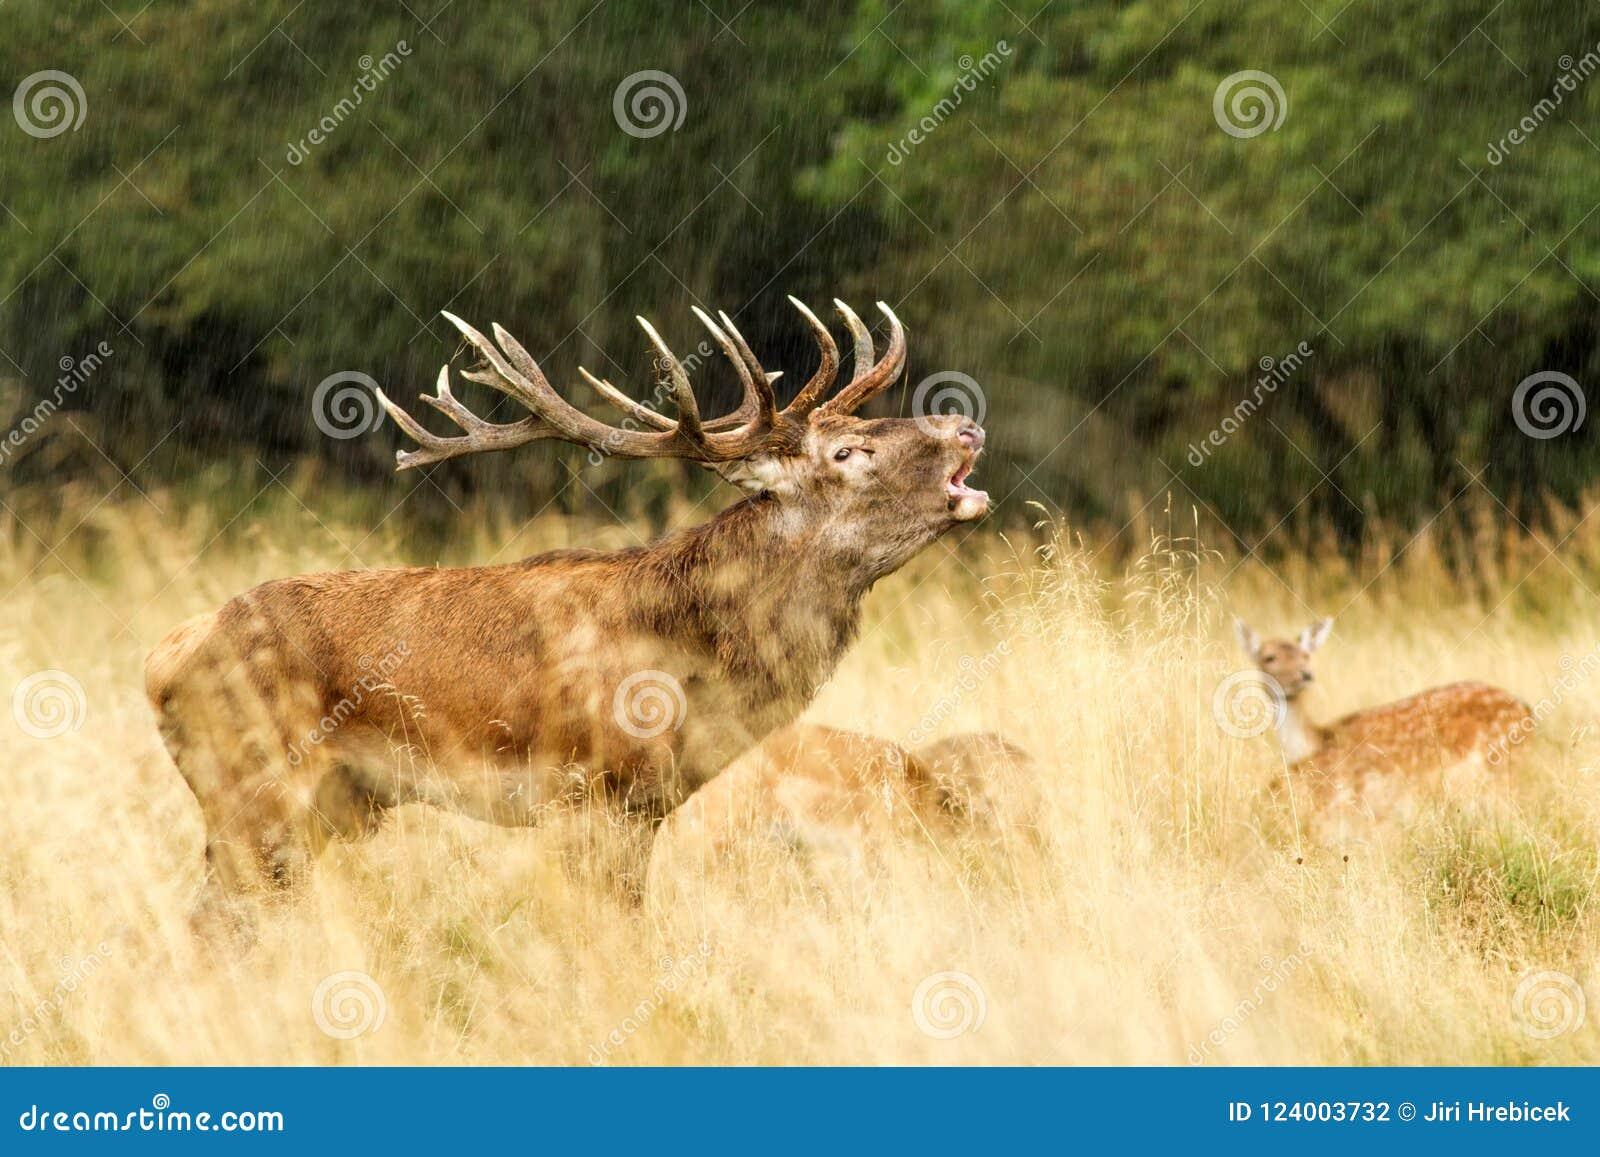 Male red deer Cervus elaphus with huge antlers during mating season in Denmark